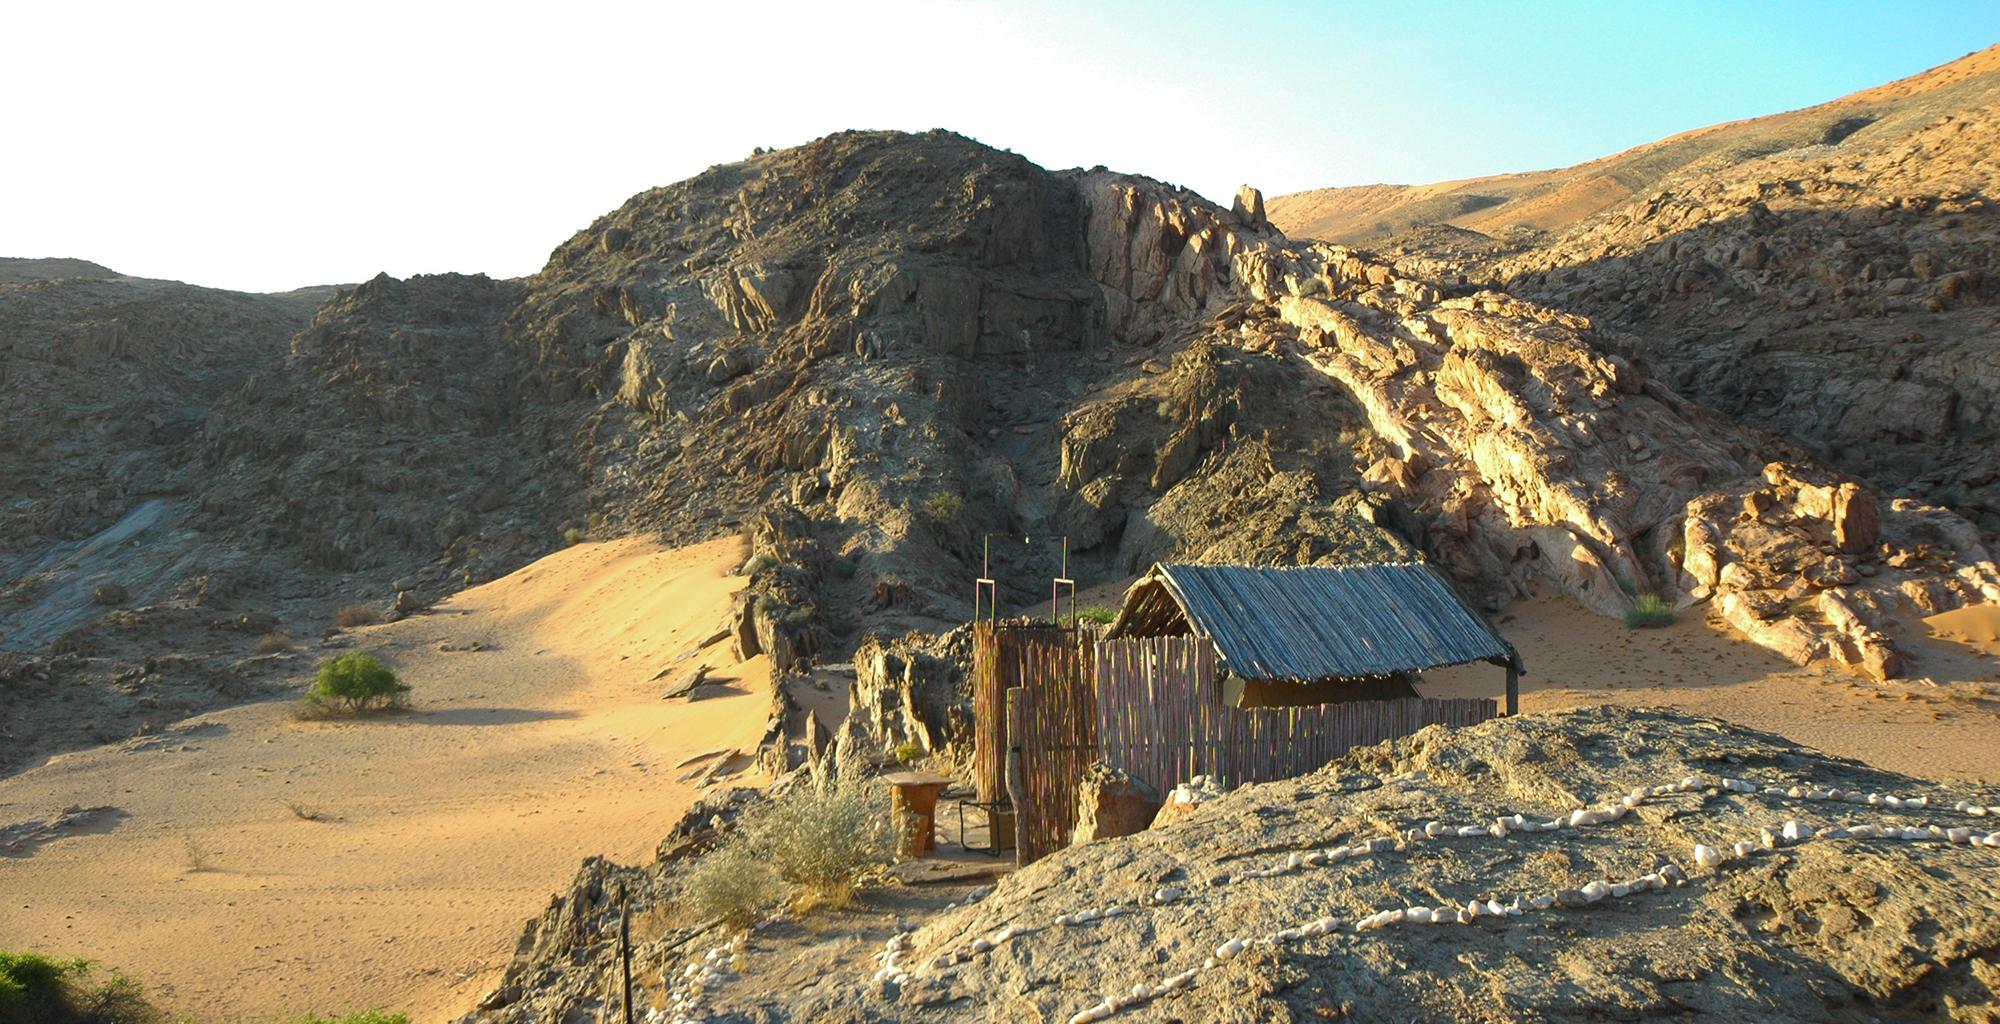 Namibia-Kunene-Camp-Exterior